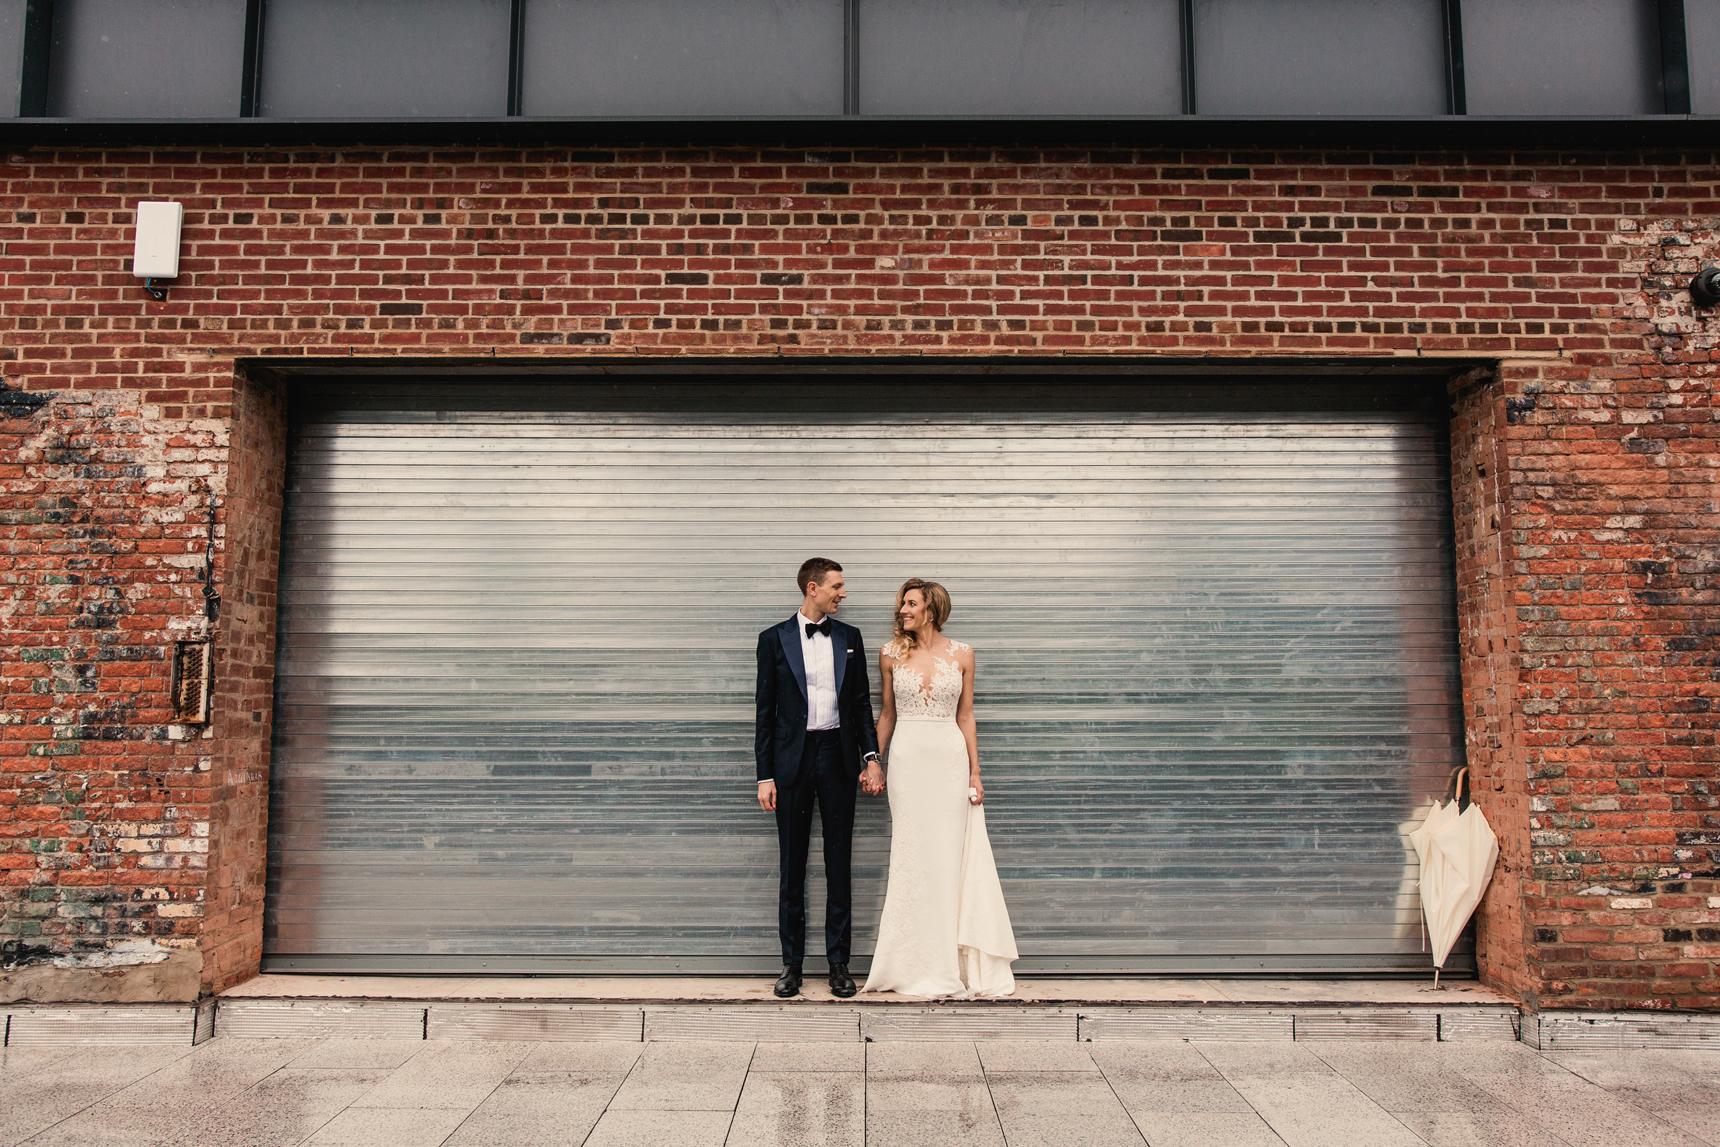 Jory_LoebBoathouse_CentralPark_NewYork_WeddingPhotographer041.jpg